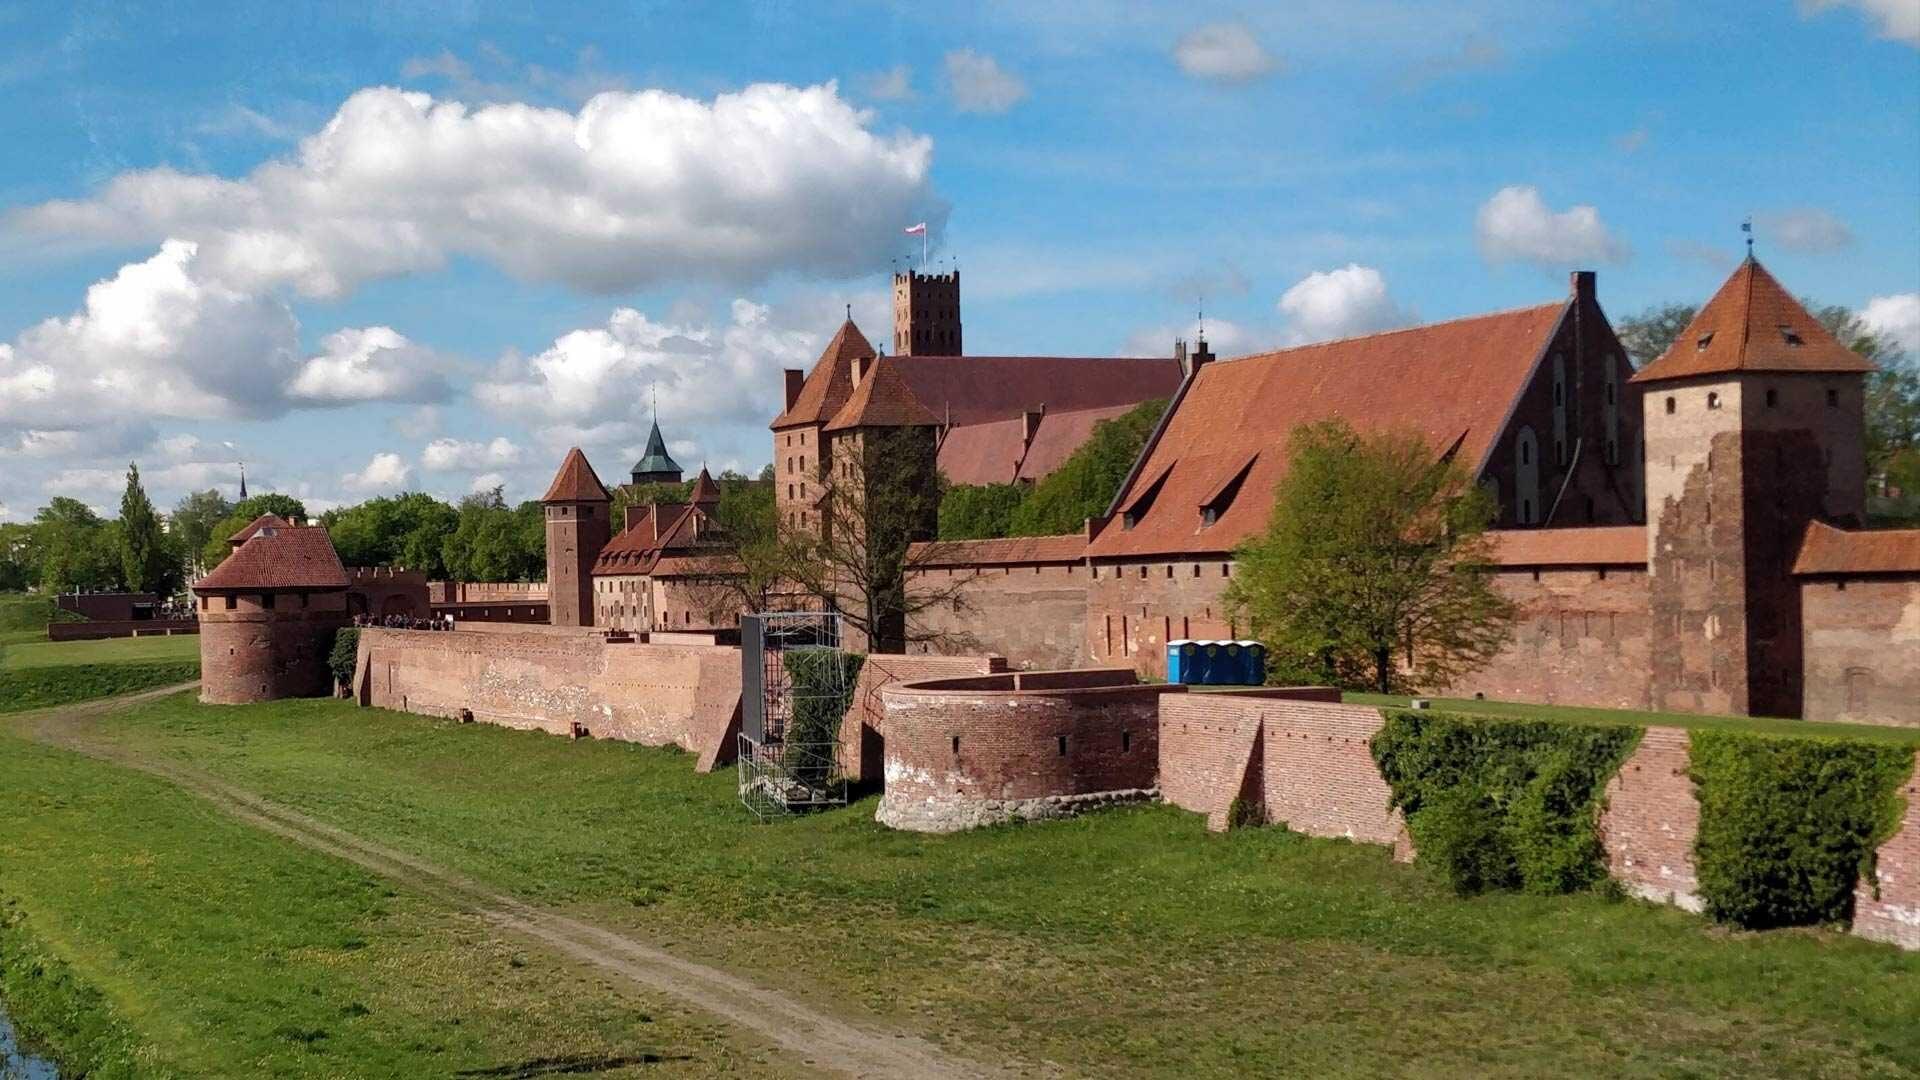 Ile kosztuje zwiedzanie Zamku w Malborku? Cennik biletów i kiedy za darmo